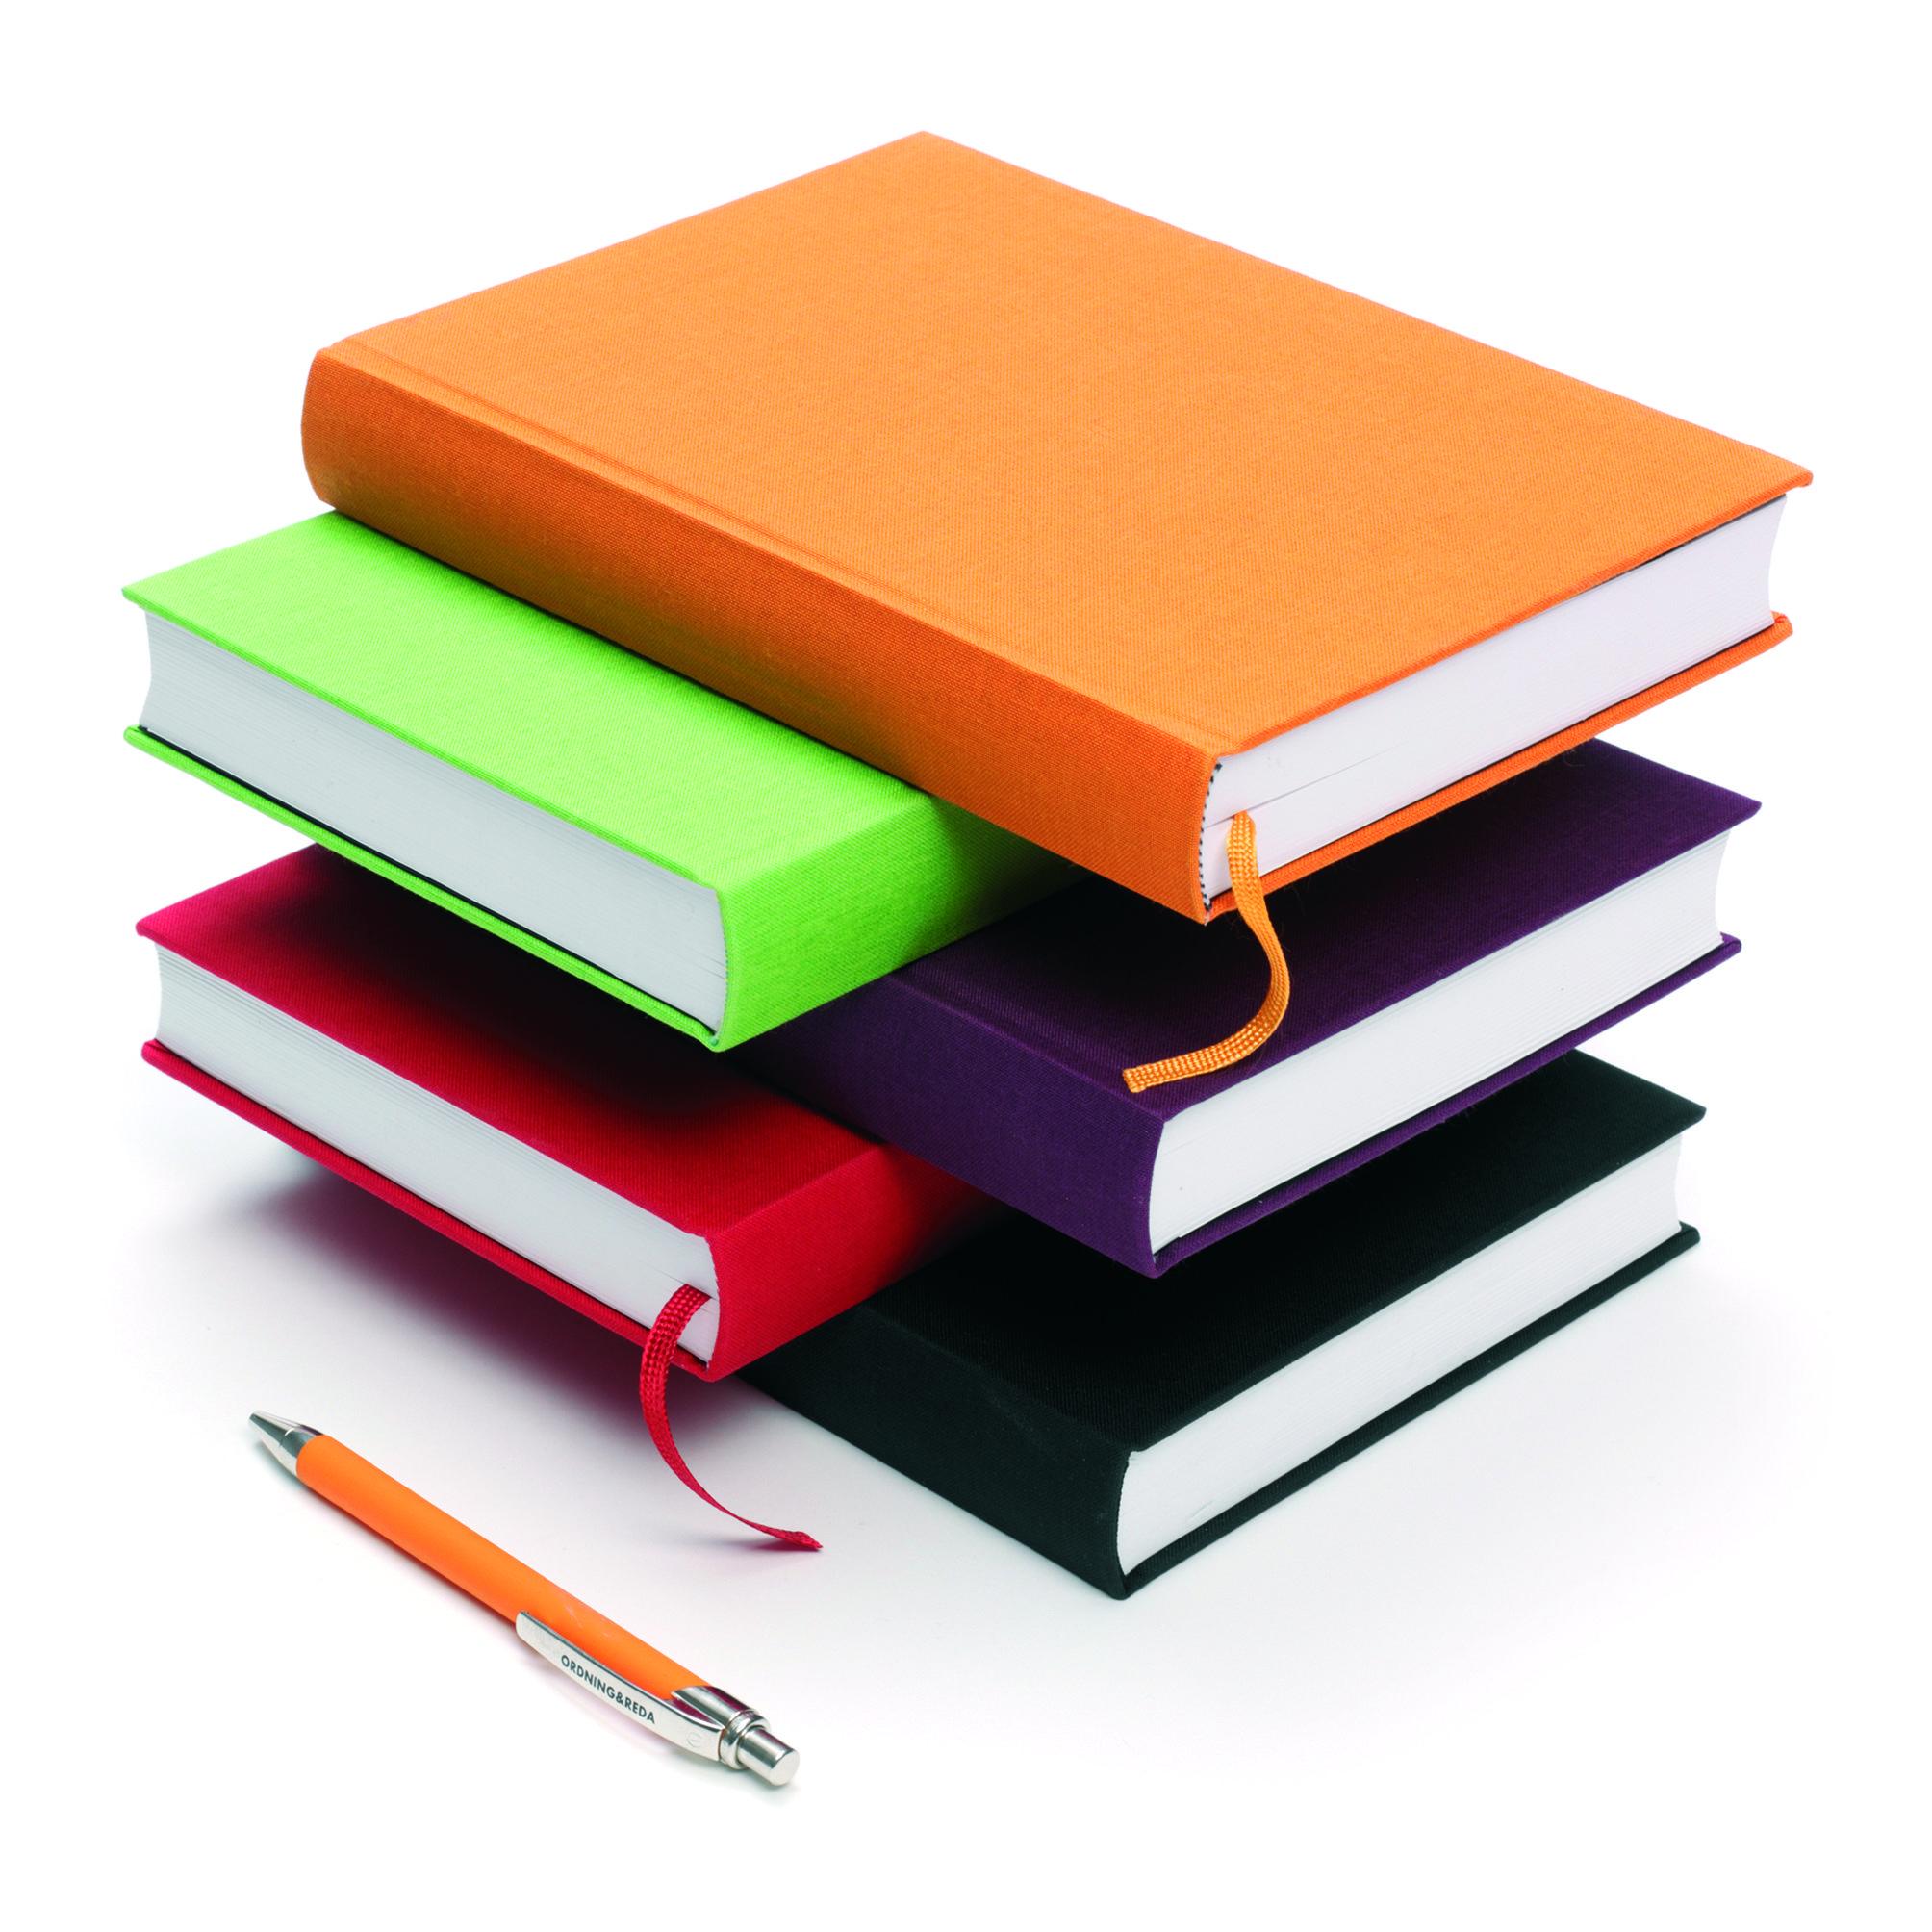 Libros/Cuadernos | Cuadernos e Inspiración ORDNING&REDA